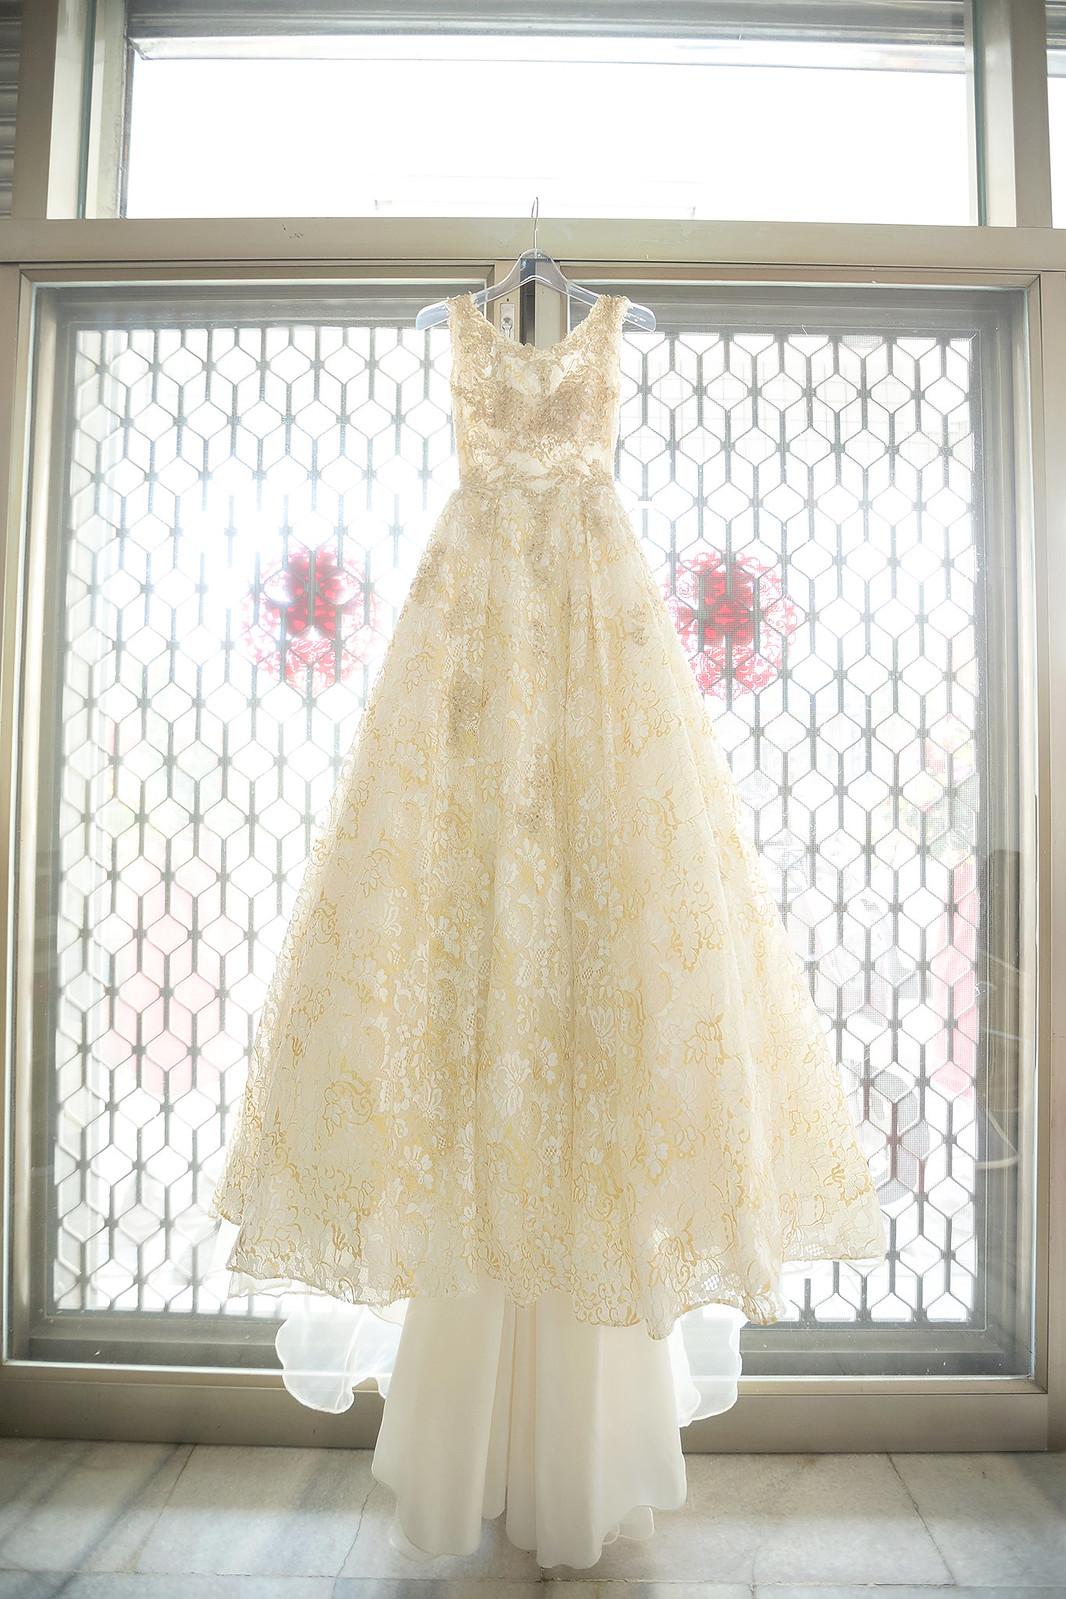 181007-0005-台南-婚禮記錄-婚攝-文定-準備工作